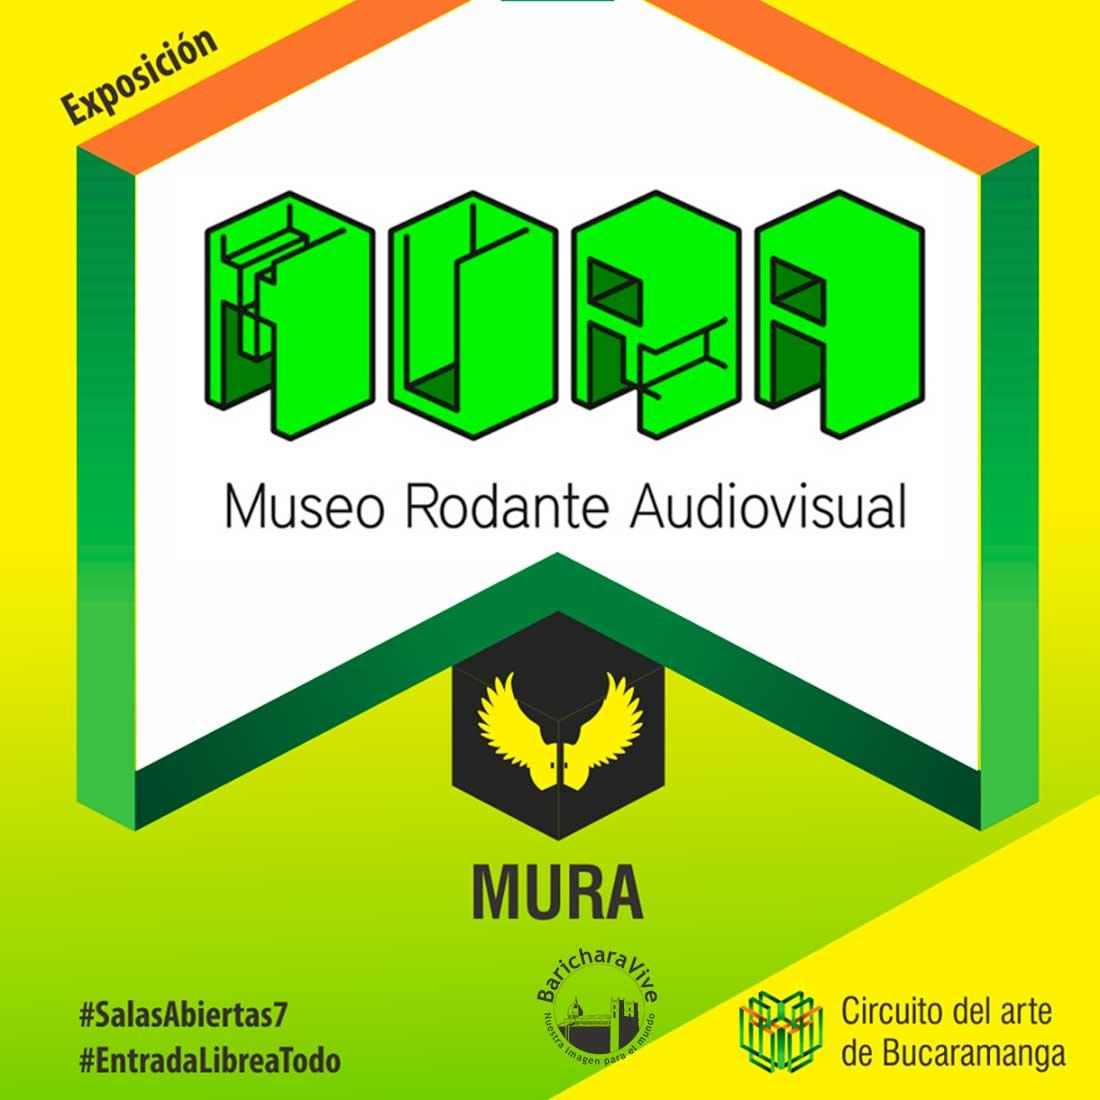 museo-rodante-audiovisual-7a-edicion-el-centro-con-las-salas-abiertas-bucaramanga-2017